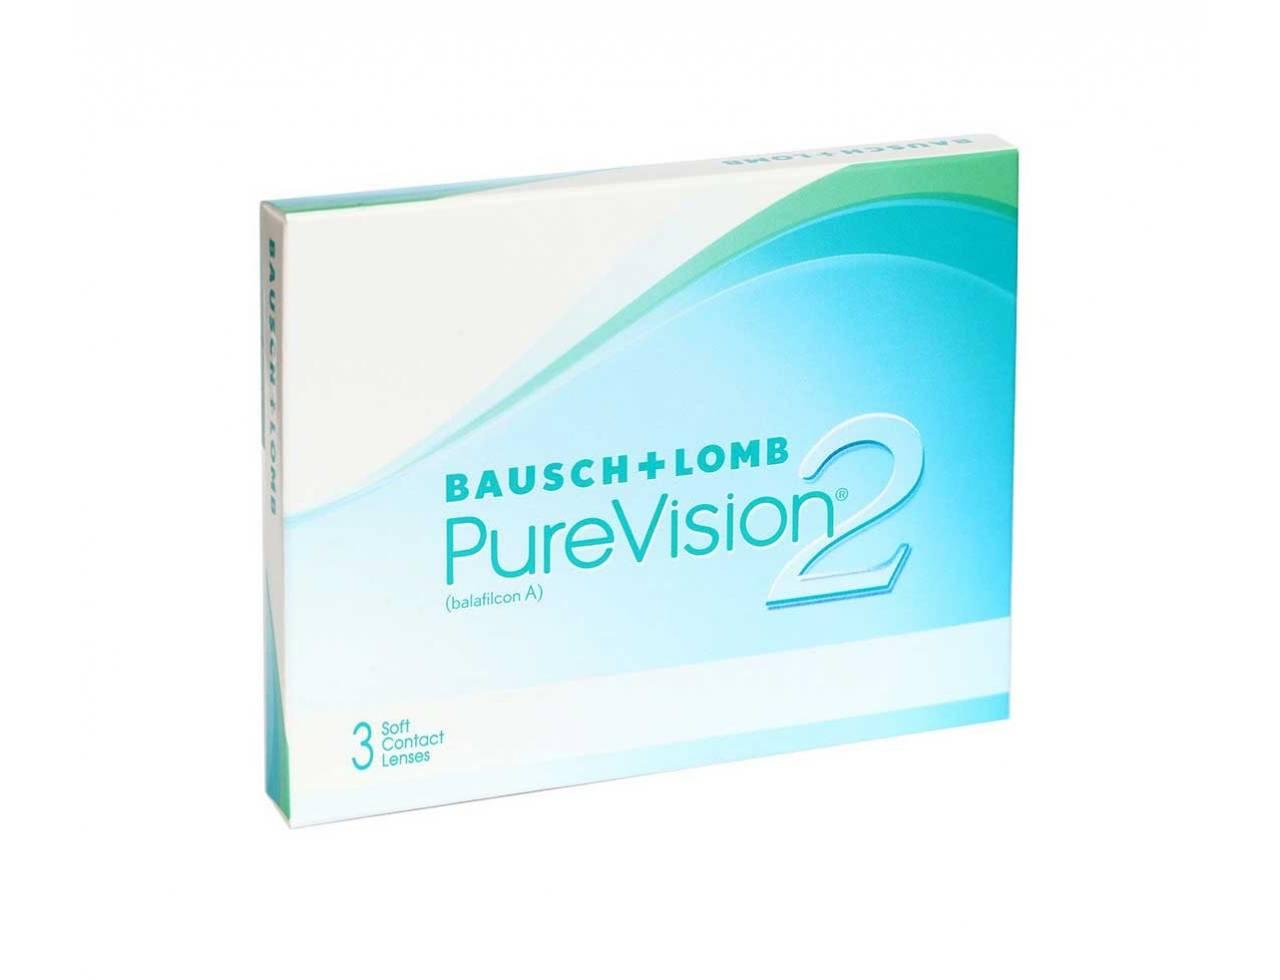 Месячные контактные линзы Bausch+Lomb Pure Vision 2 - Фото №7